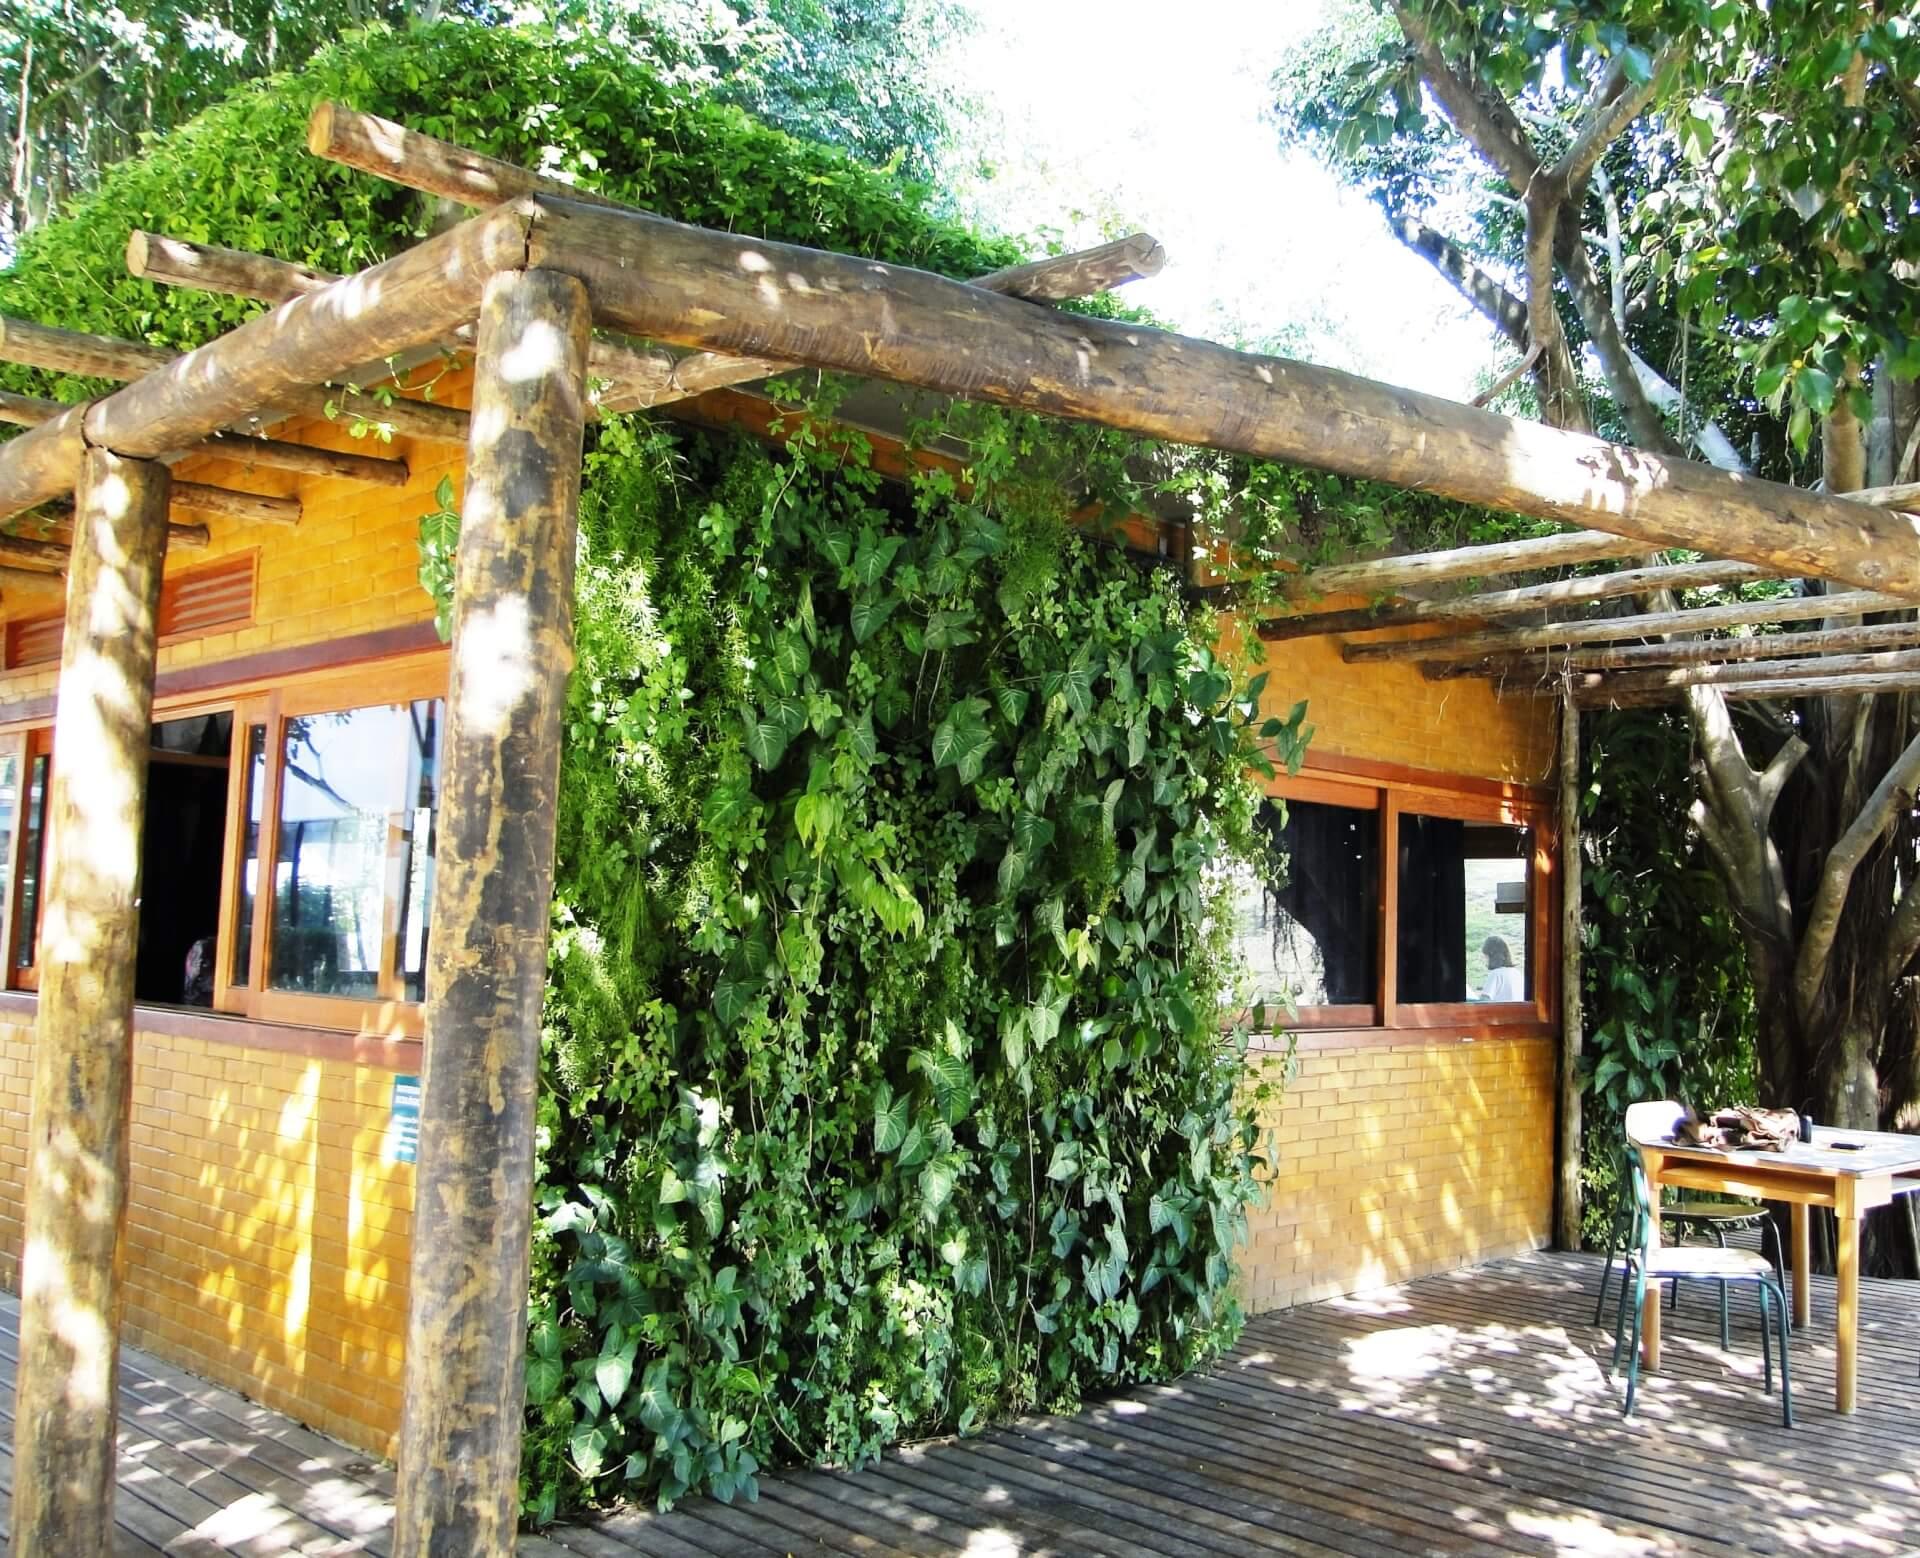 jardim vertical rio de janeiro:Ecoparede-Escola-Parque-Barra-Rio-de-Janeiro.jpg